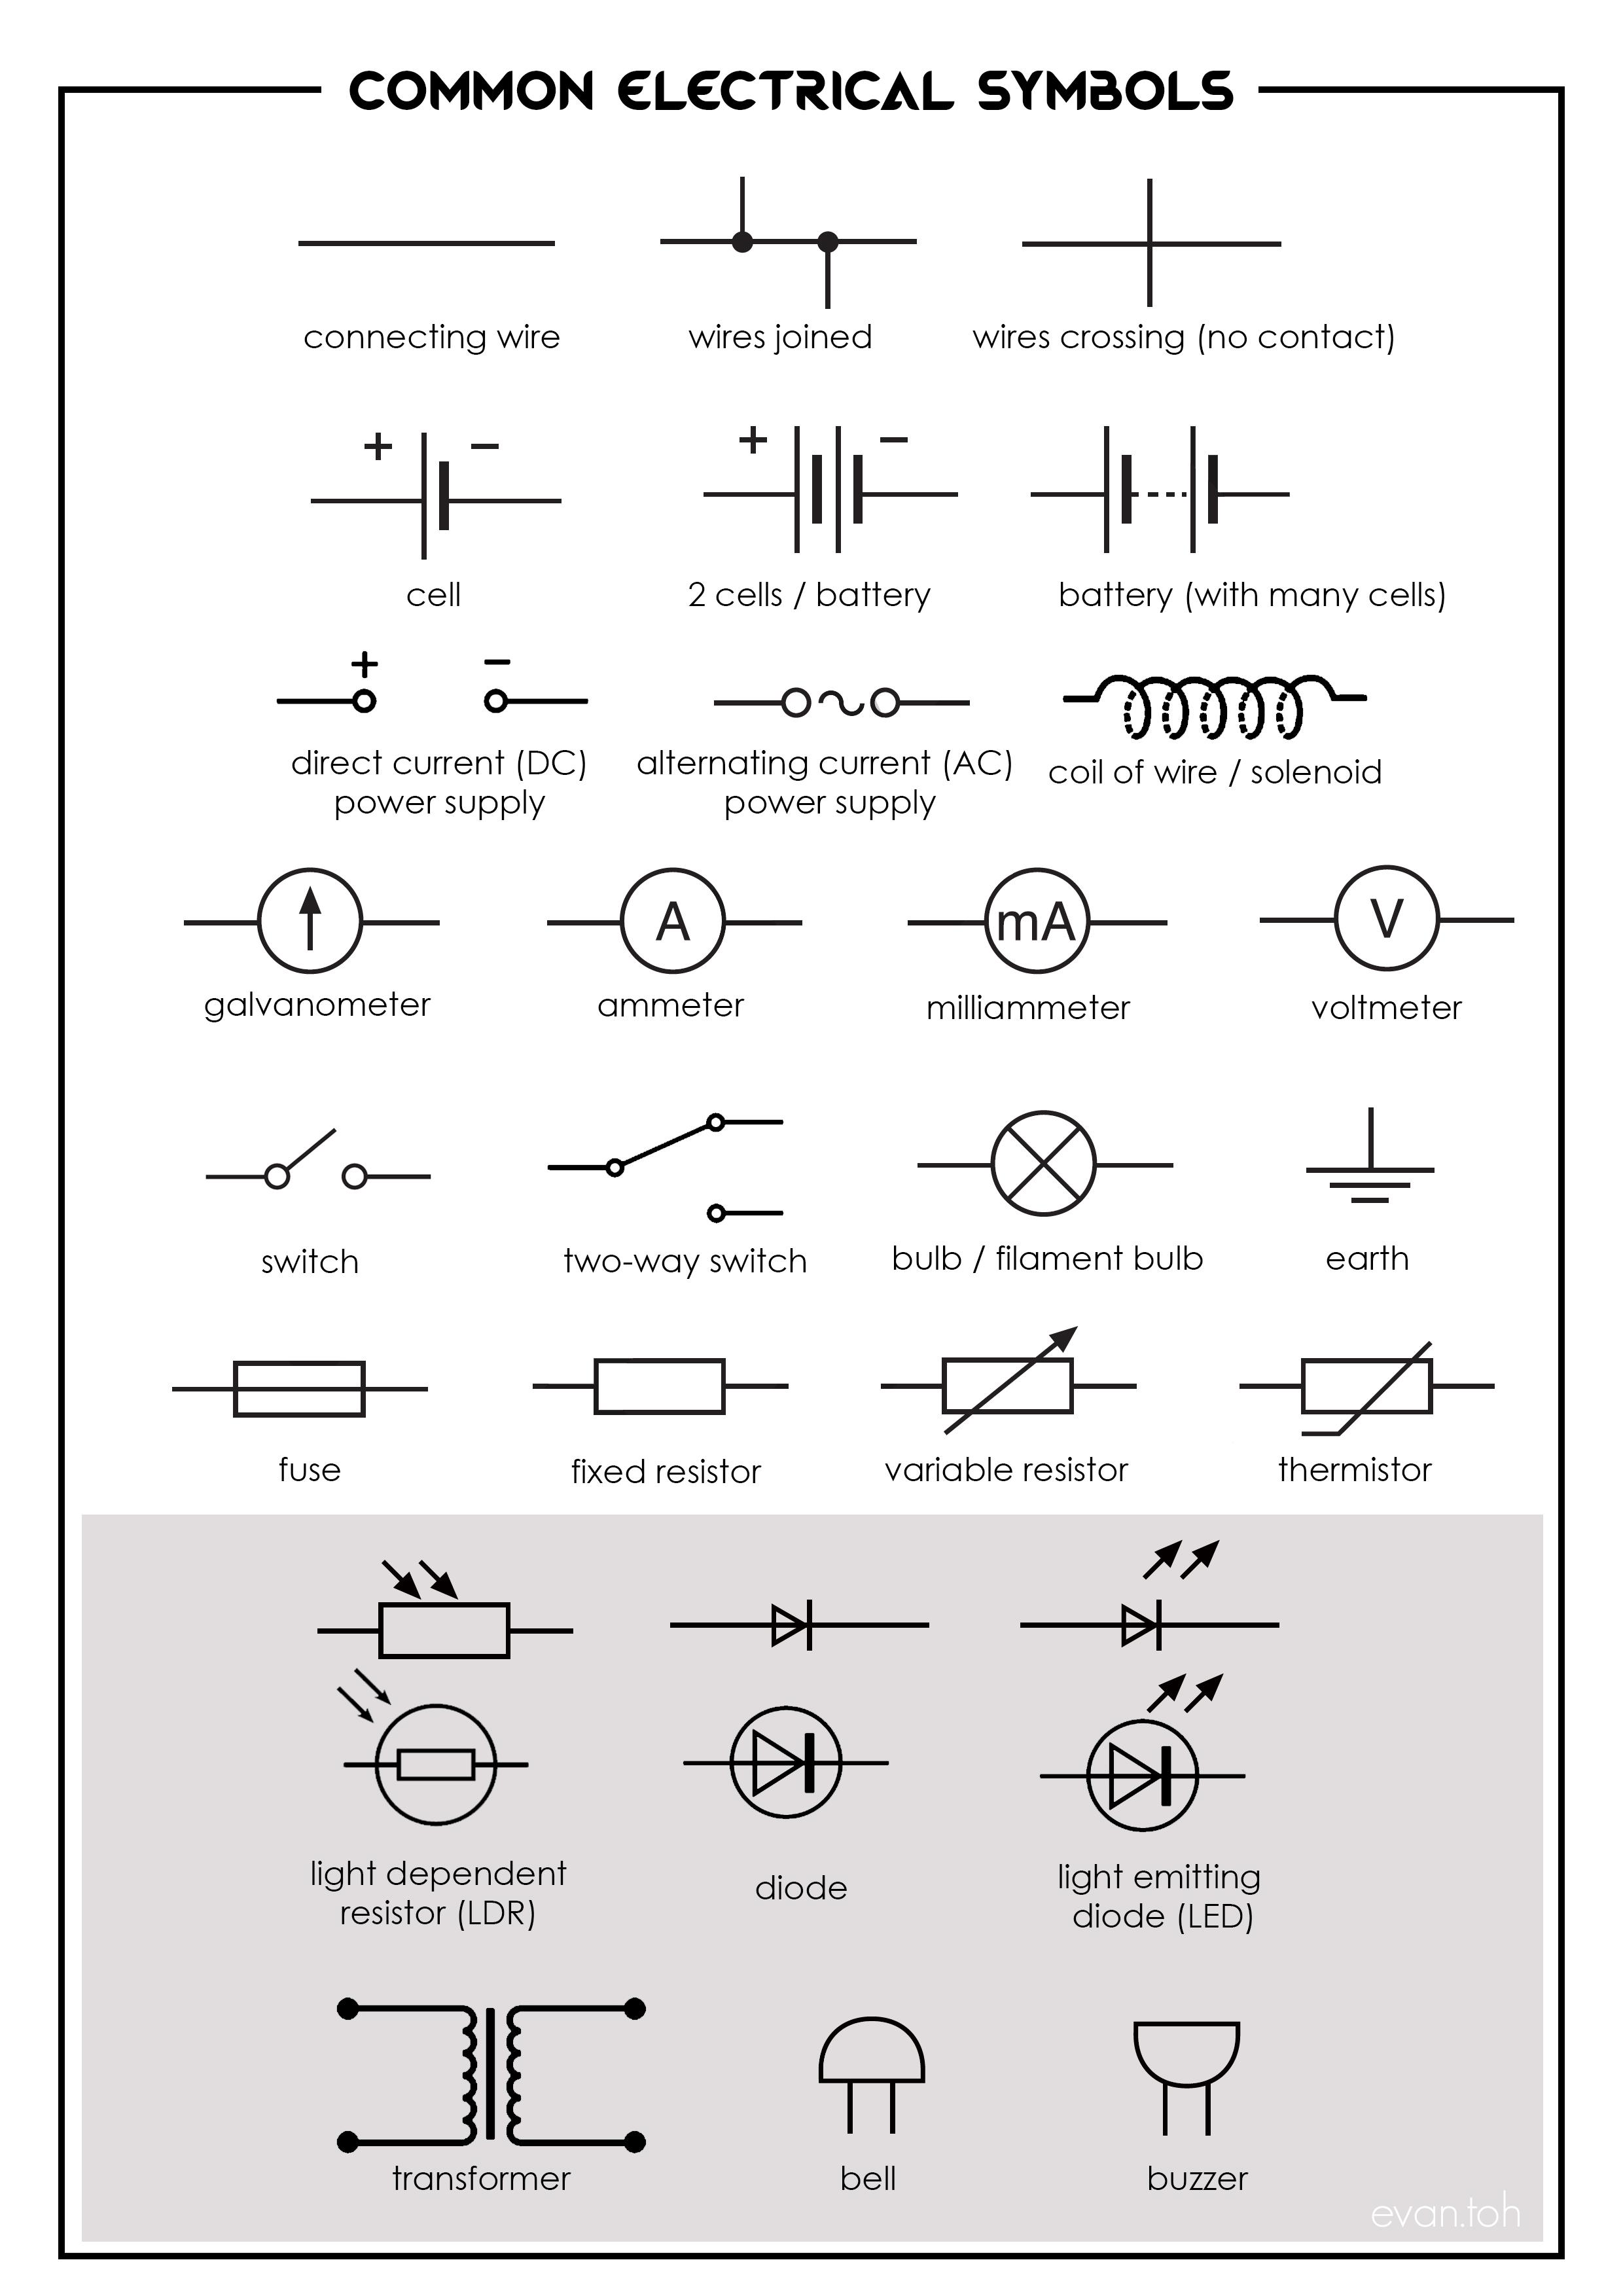 dc wiring symbols wiring diagram log dc circuit symbols dc wiring symbols [ 2480 x 3508 Pixel ]